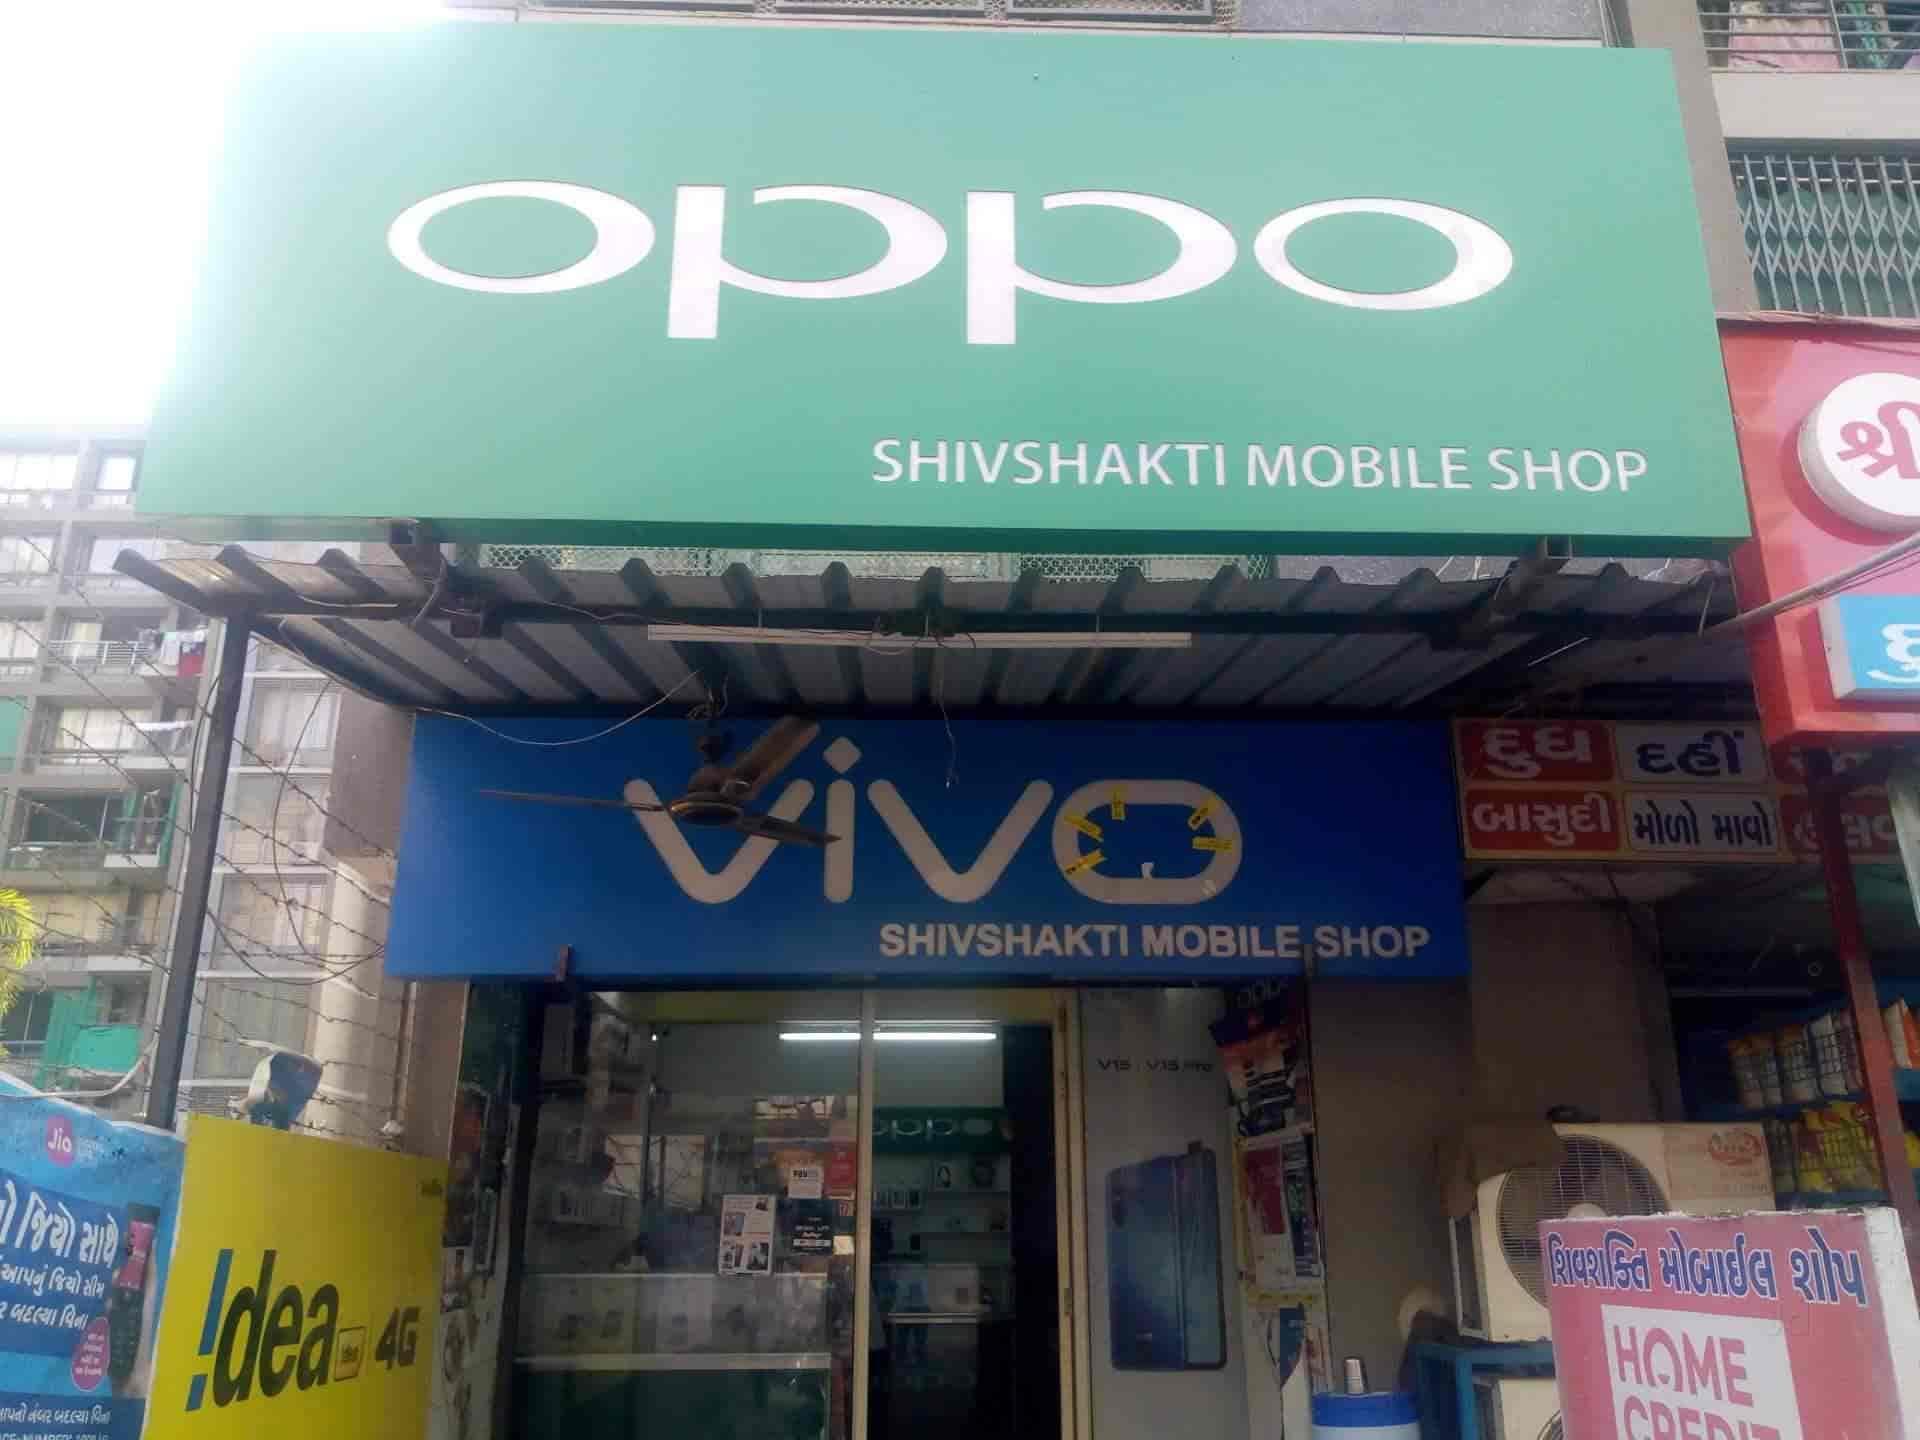 Shivshakti Mobile Shop, Gota Road - Mobile Phone Dealers in